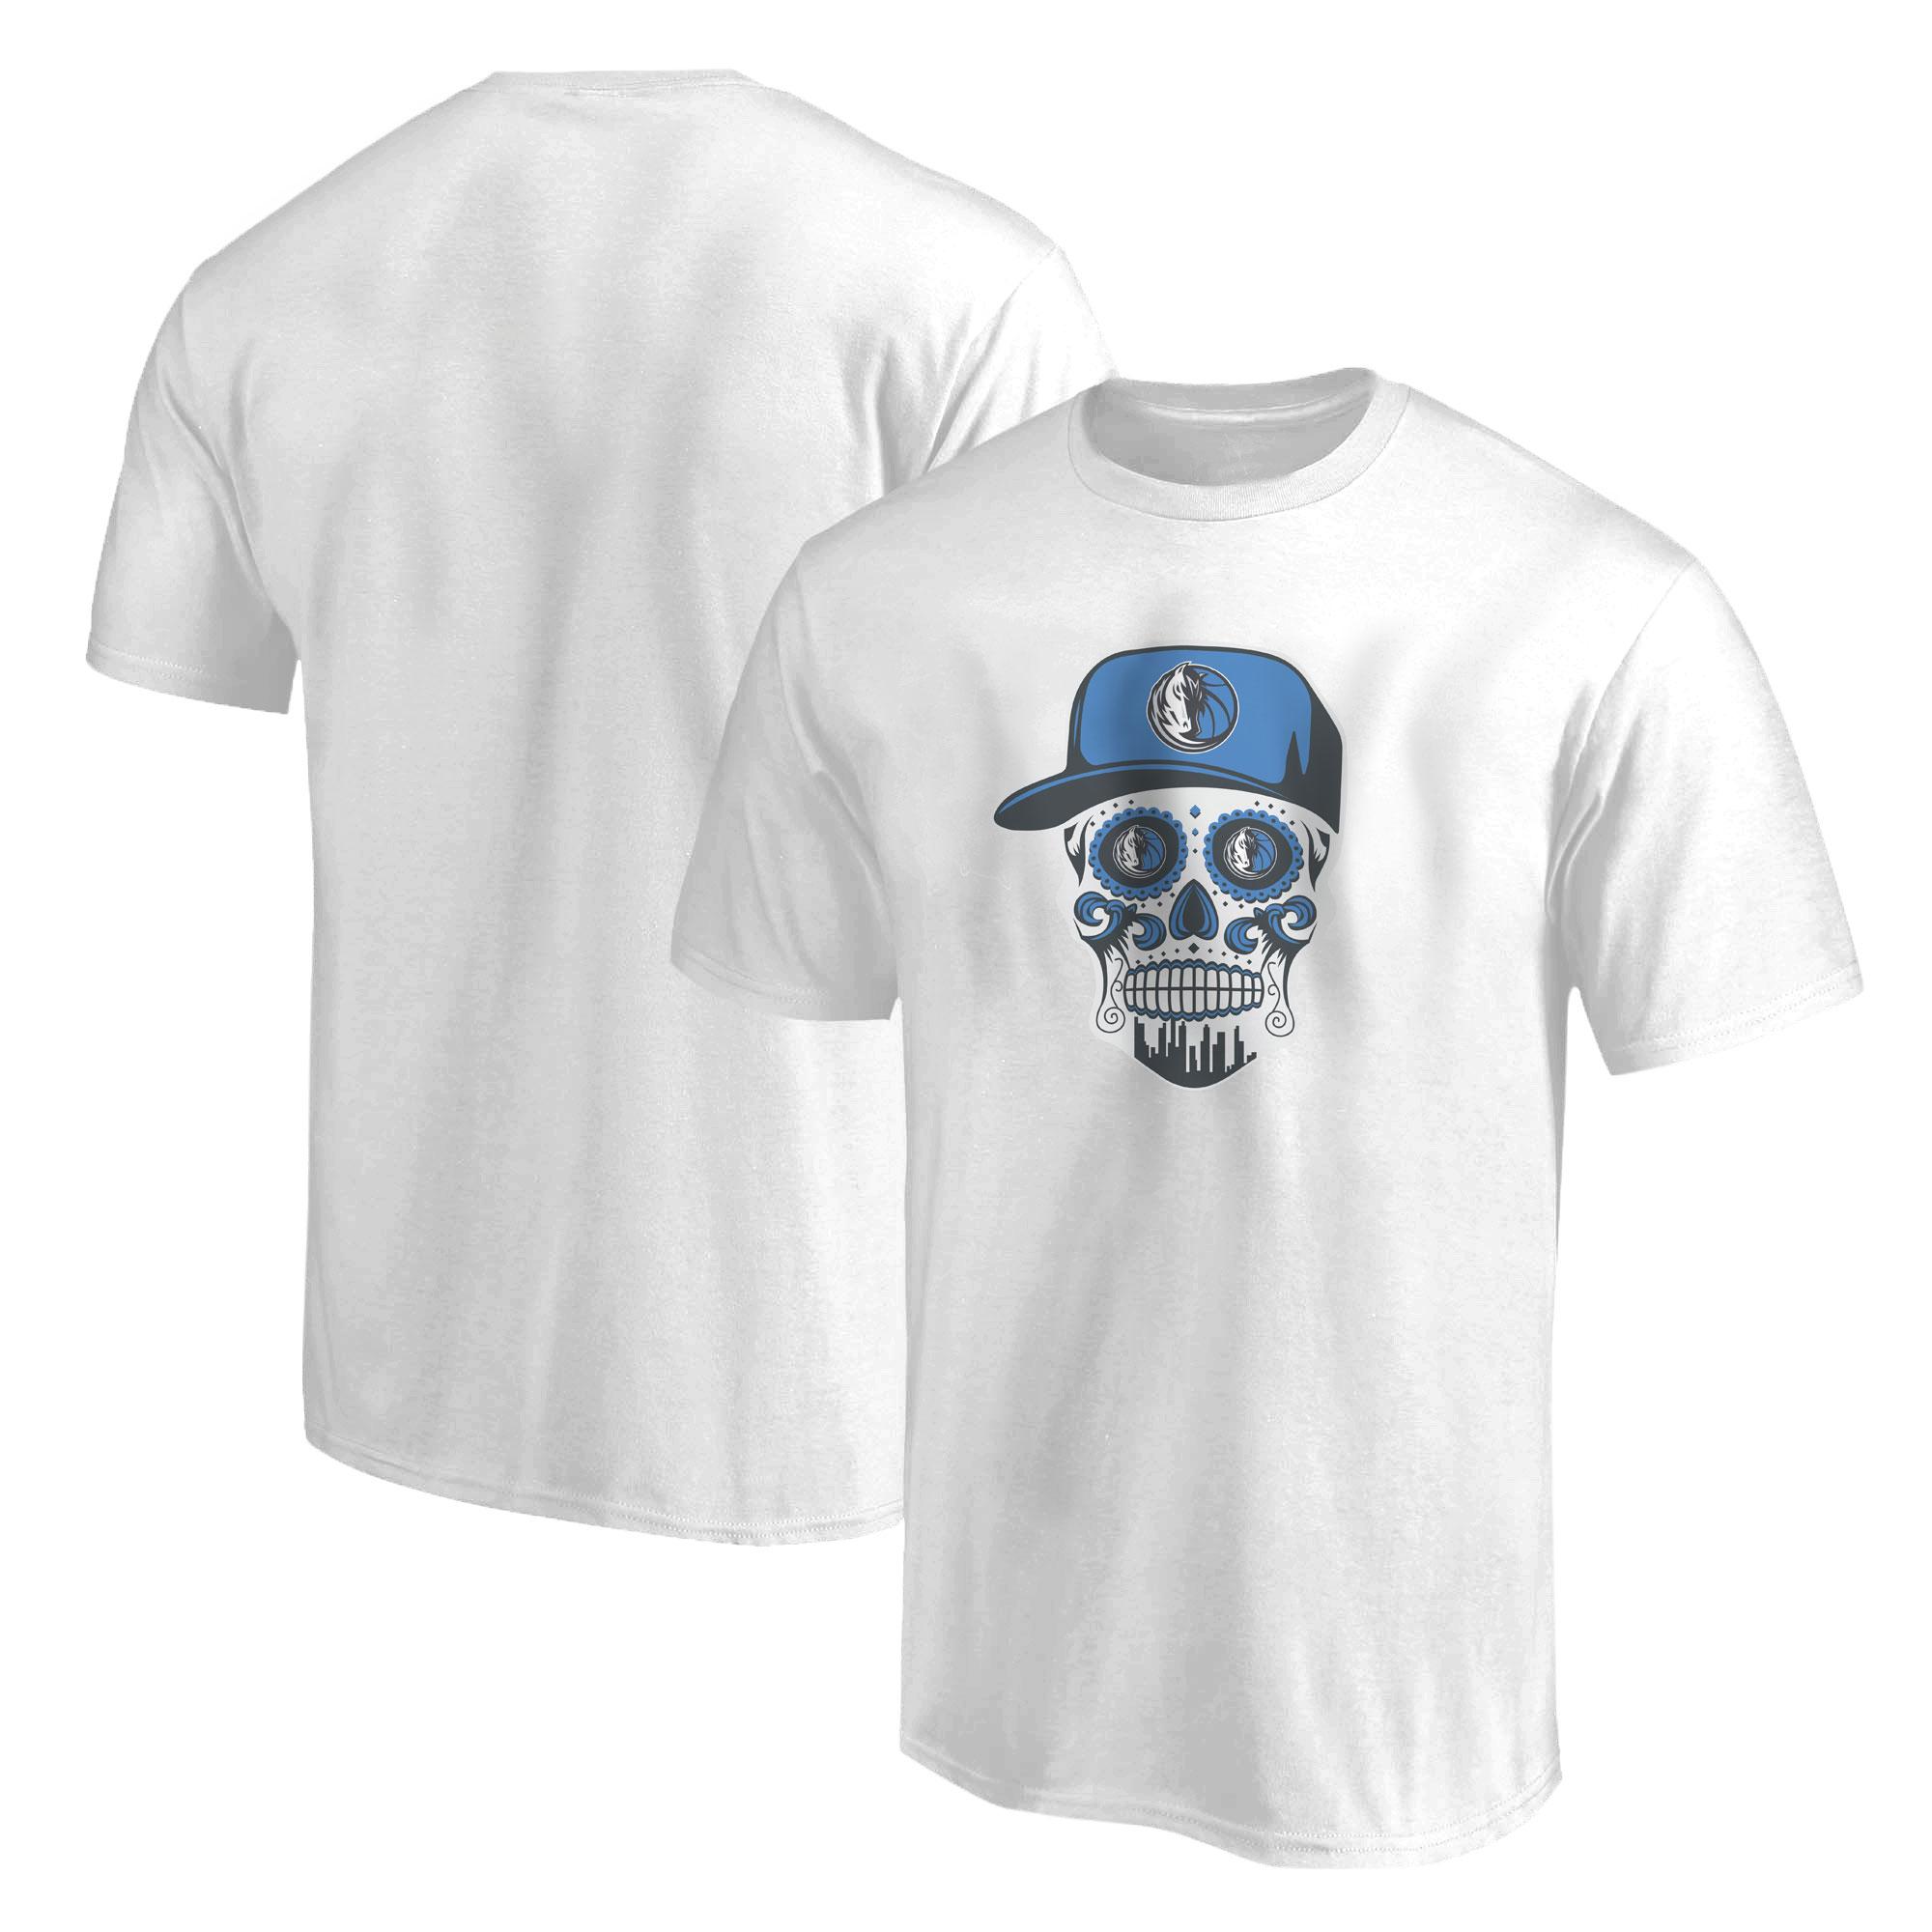 Dallas Skull Tshirt (TSH-WHT-NP-451-NBA-DLS-SKULL)